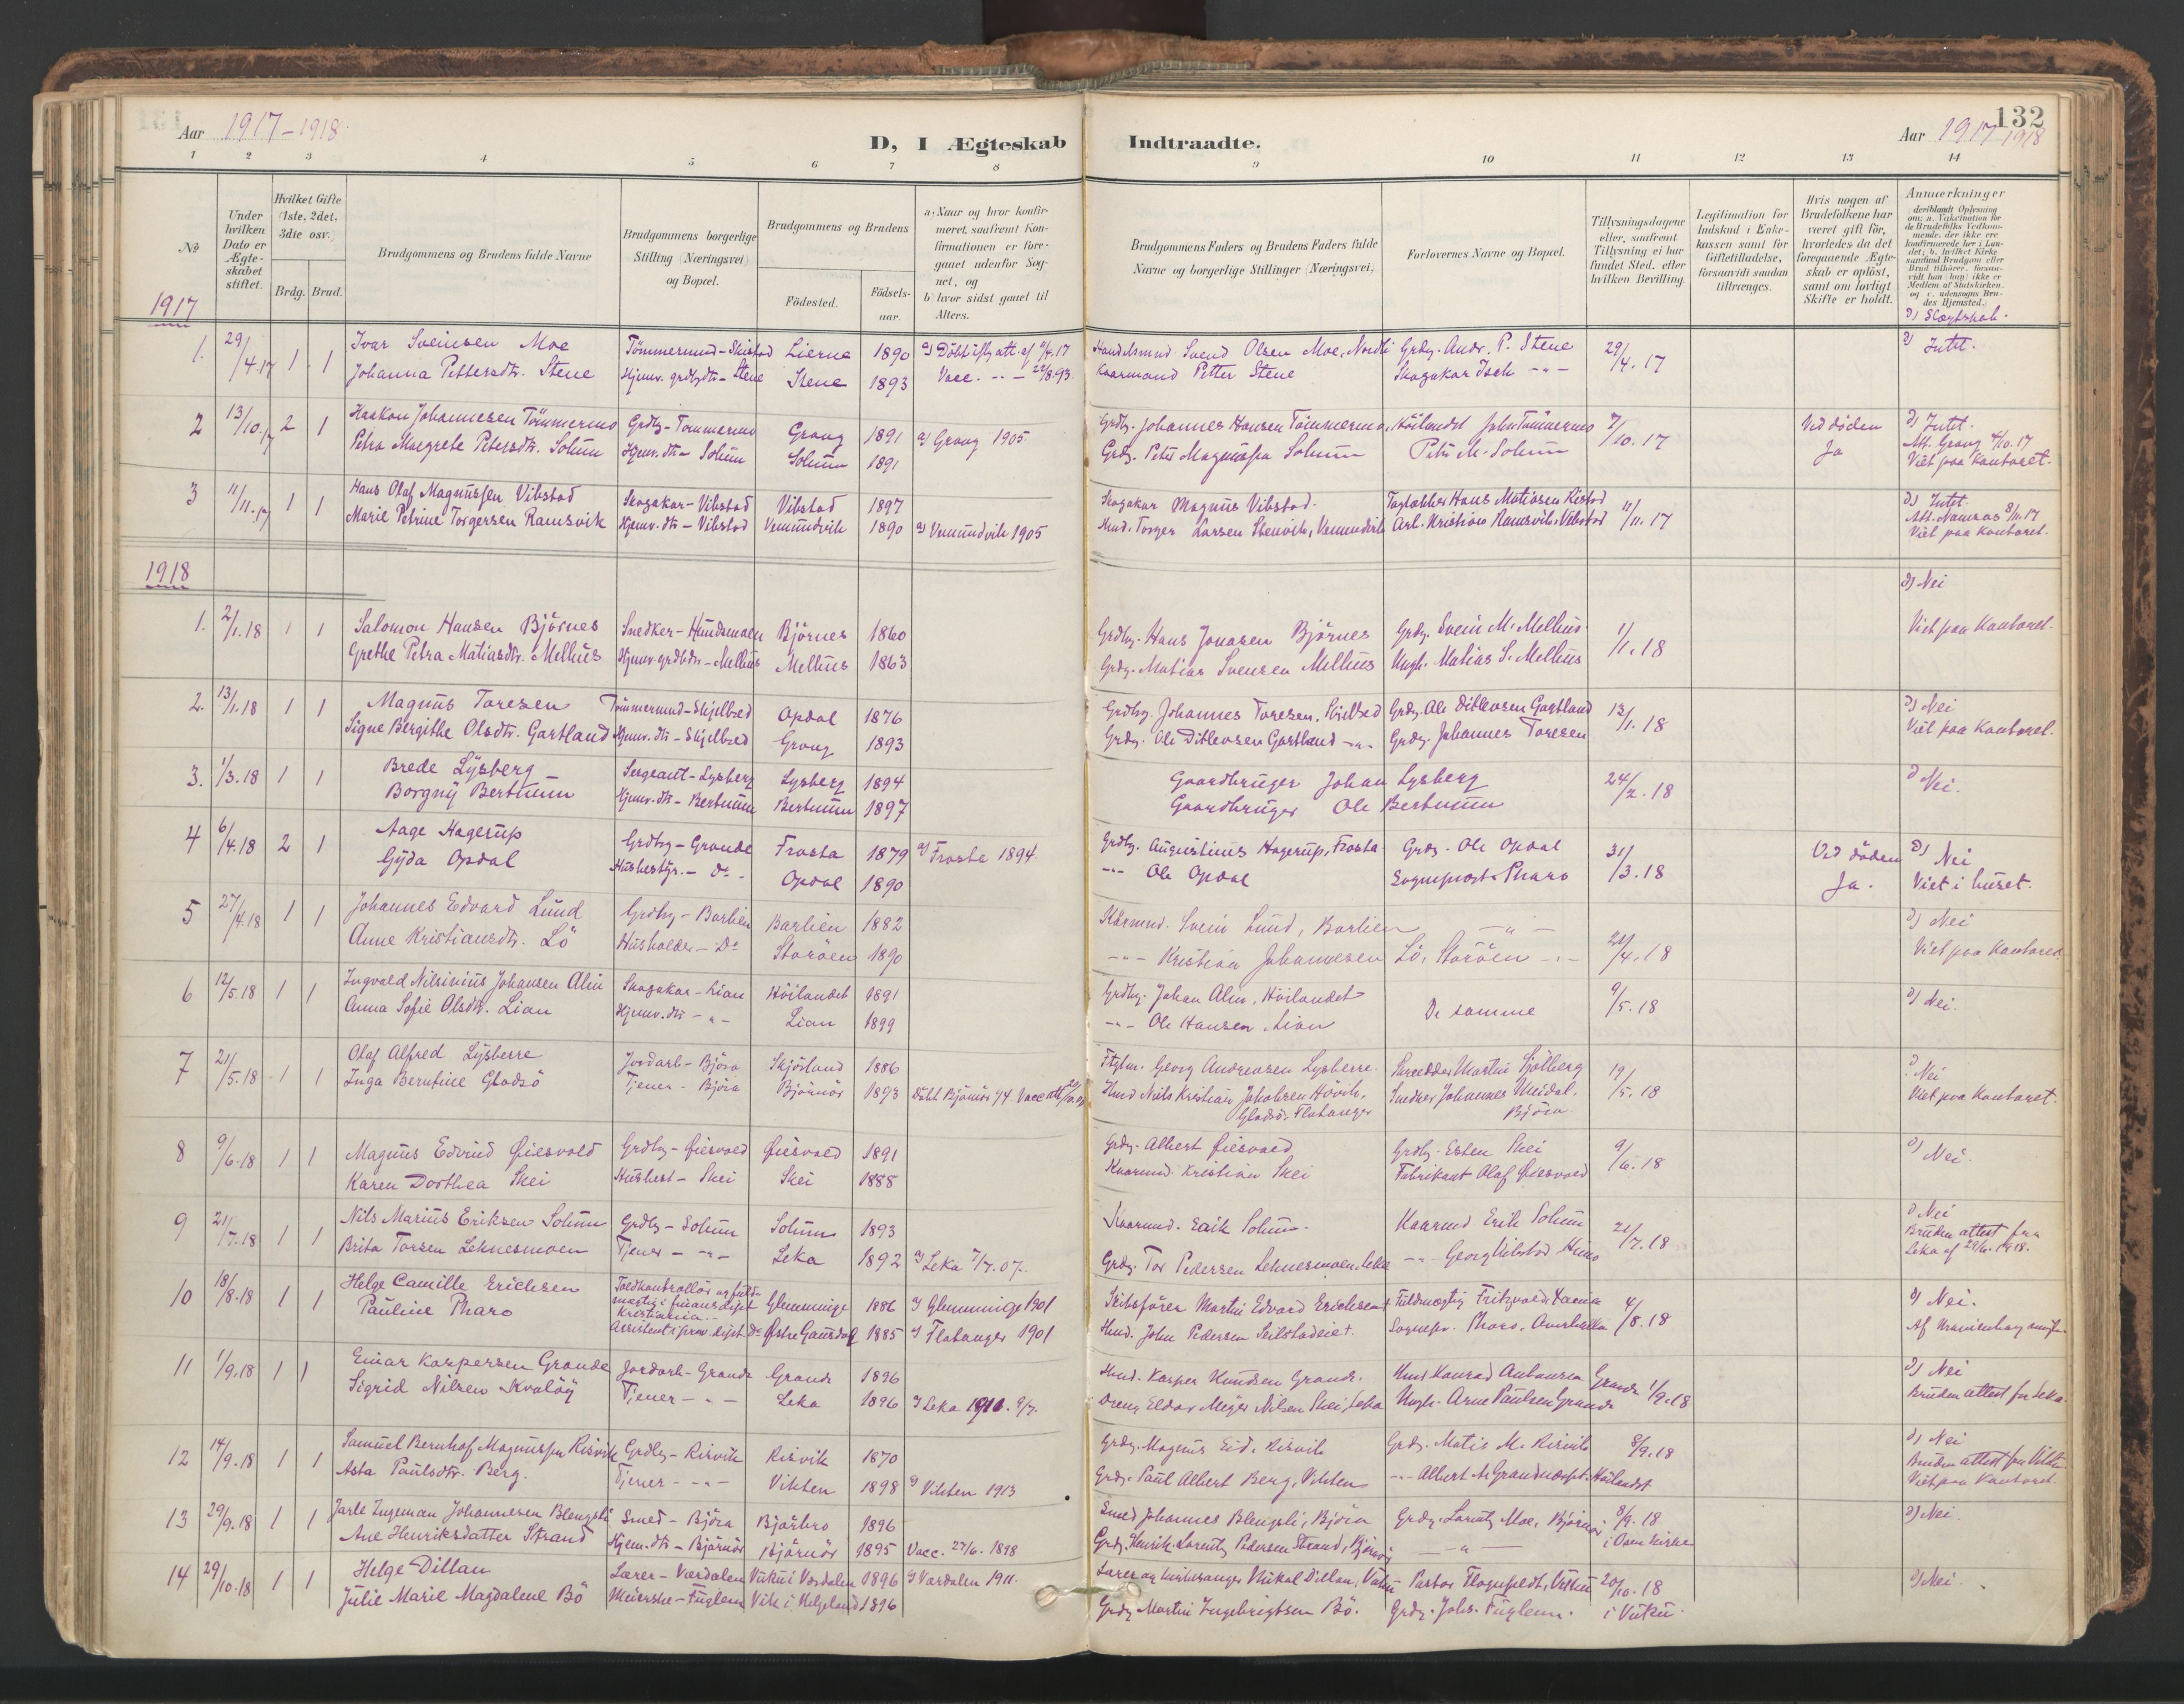 SAT, Ministerialprotokoller, klokkerbøker og fødselsregistre - Nord-Trøndelag, 764/L0556: Ministerialbok nr. 764A11, 1897-1924, s. 132